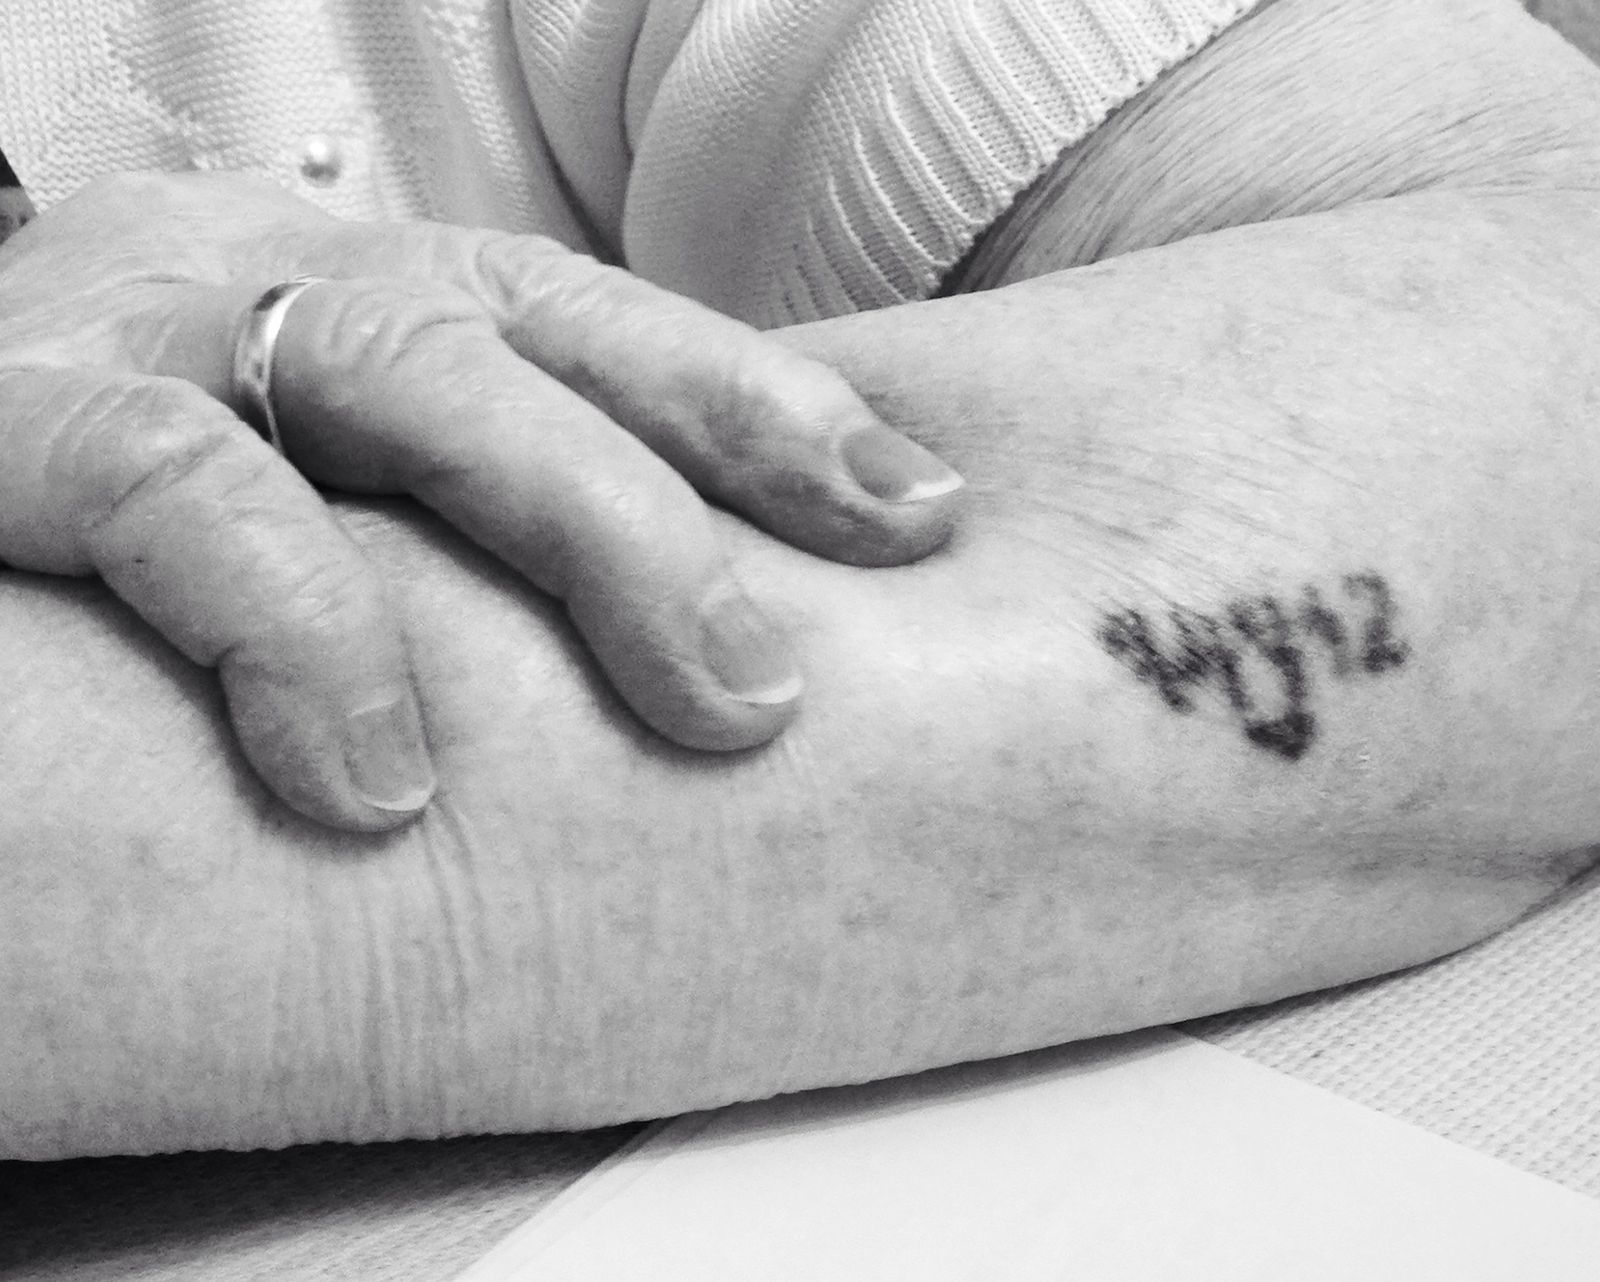 Auschwitzüberlebende Frieda F